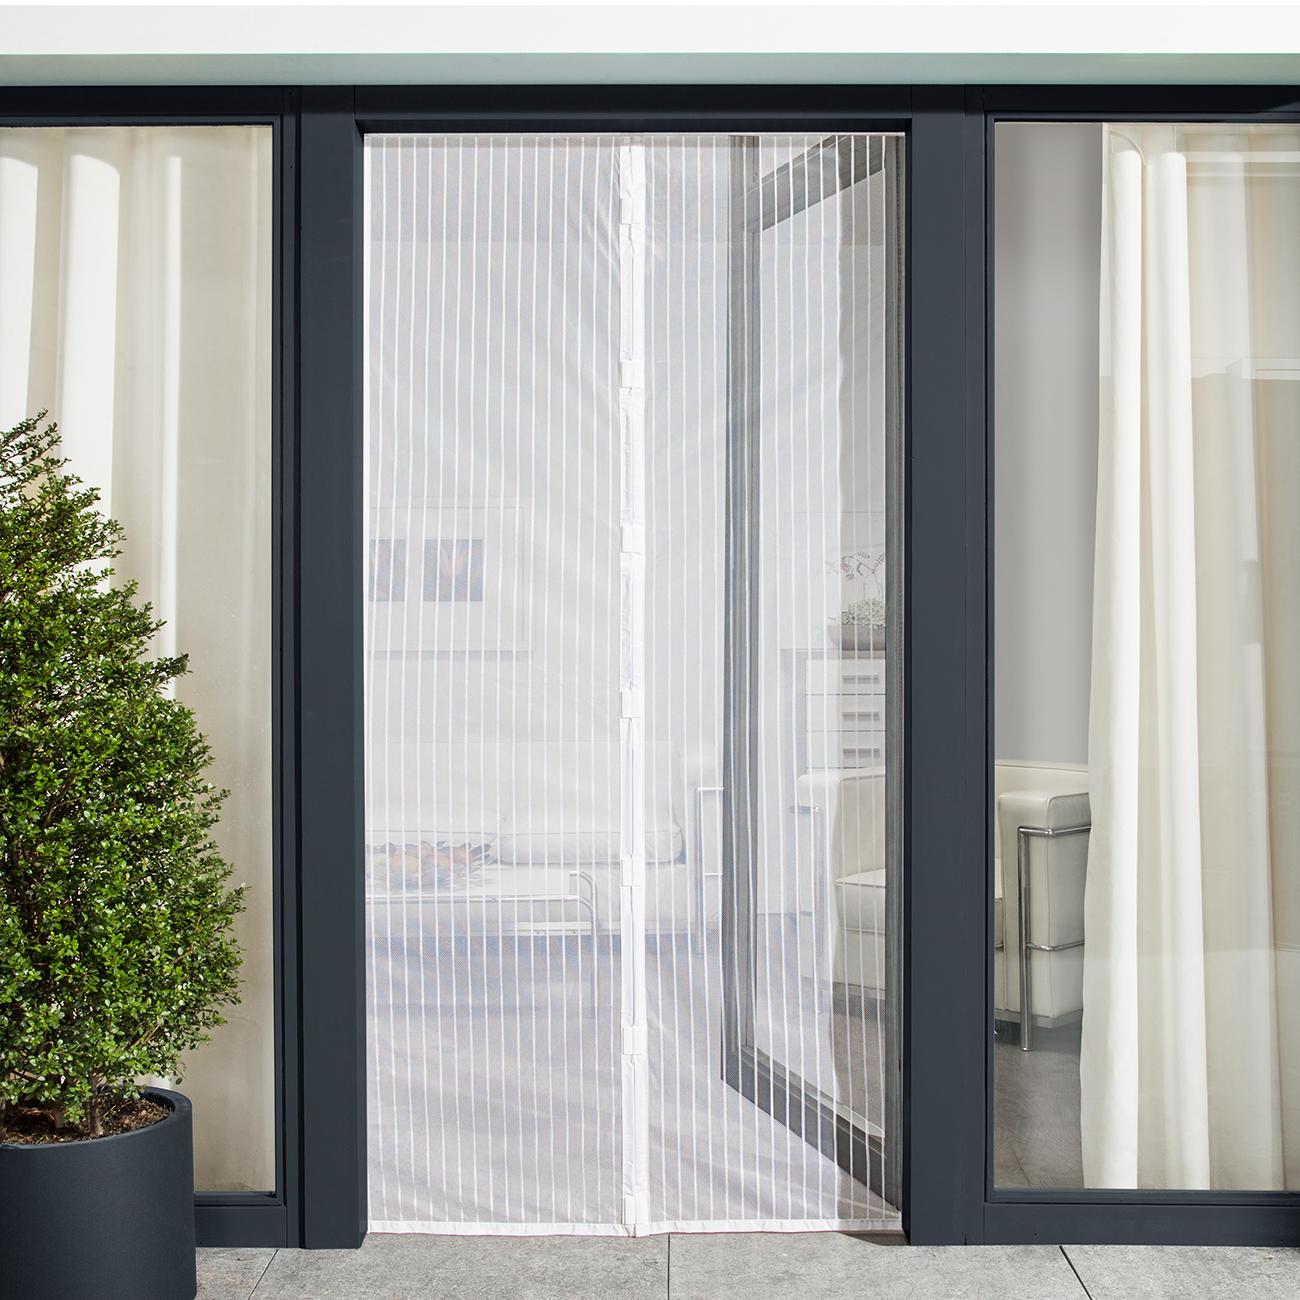 Full Size of Moskito Vorhang Mit Magneten Fliegengitter Fenster Maßanfertigung Magnettafel Küche Für Wohnzimmer Fliegengitter Magnet